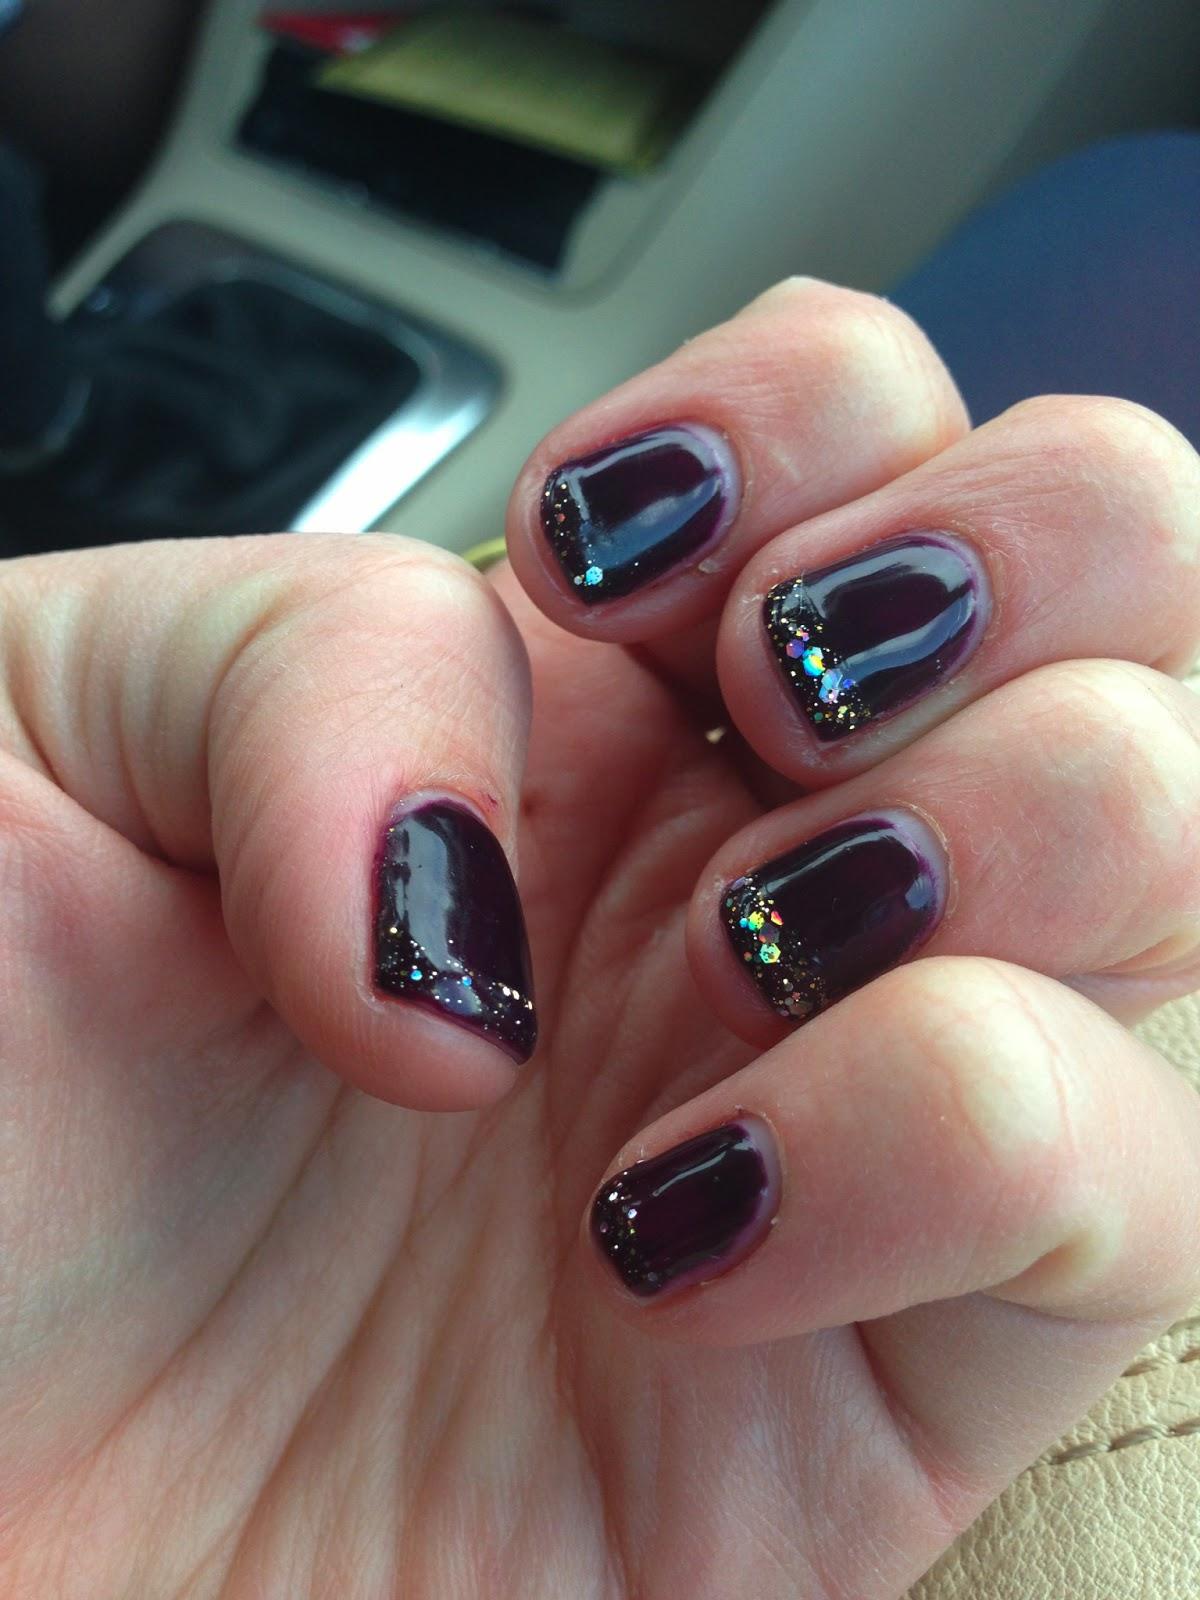 My Nail Polish Obsession My Birthday Nails: This Tiny Gem: I Paint My Nails